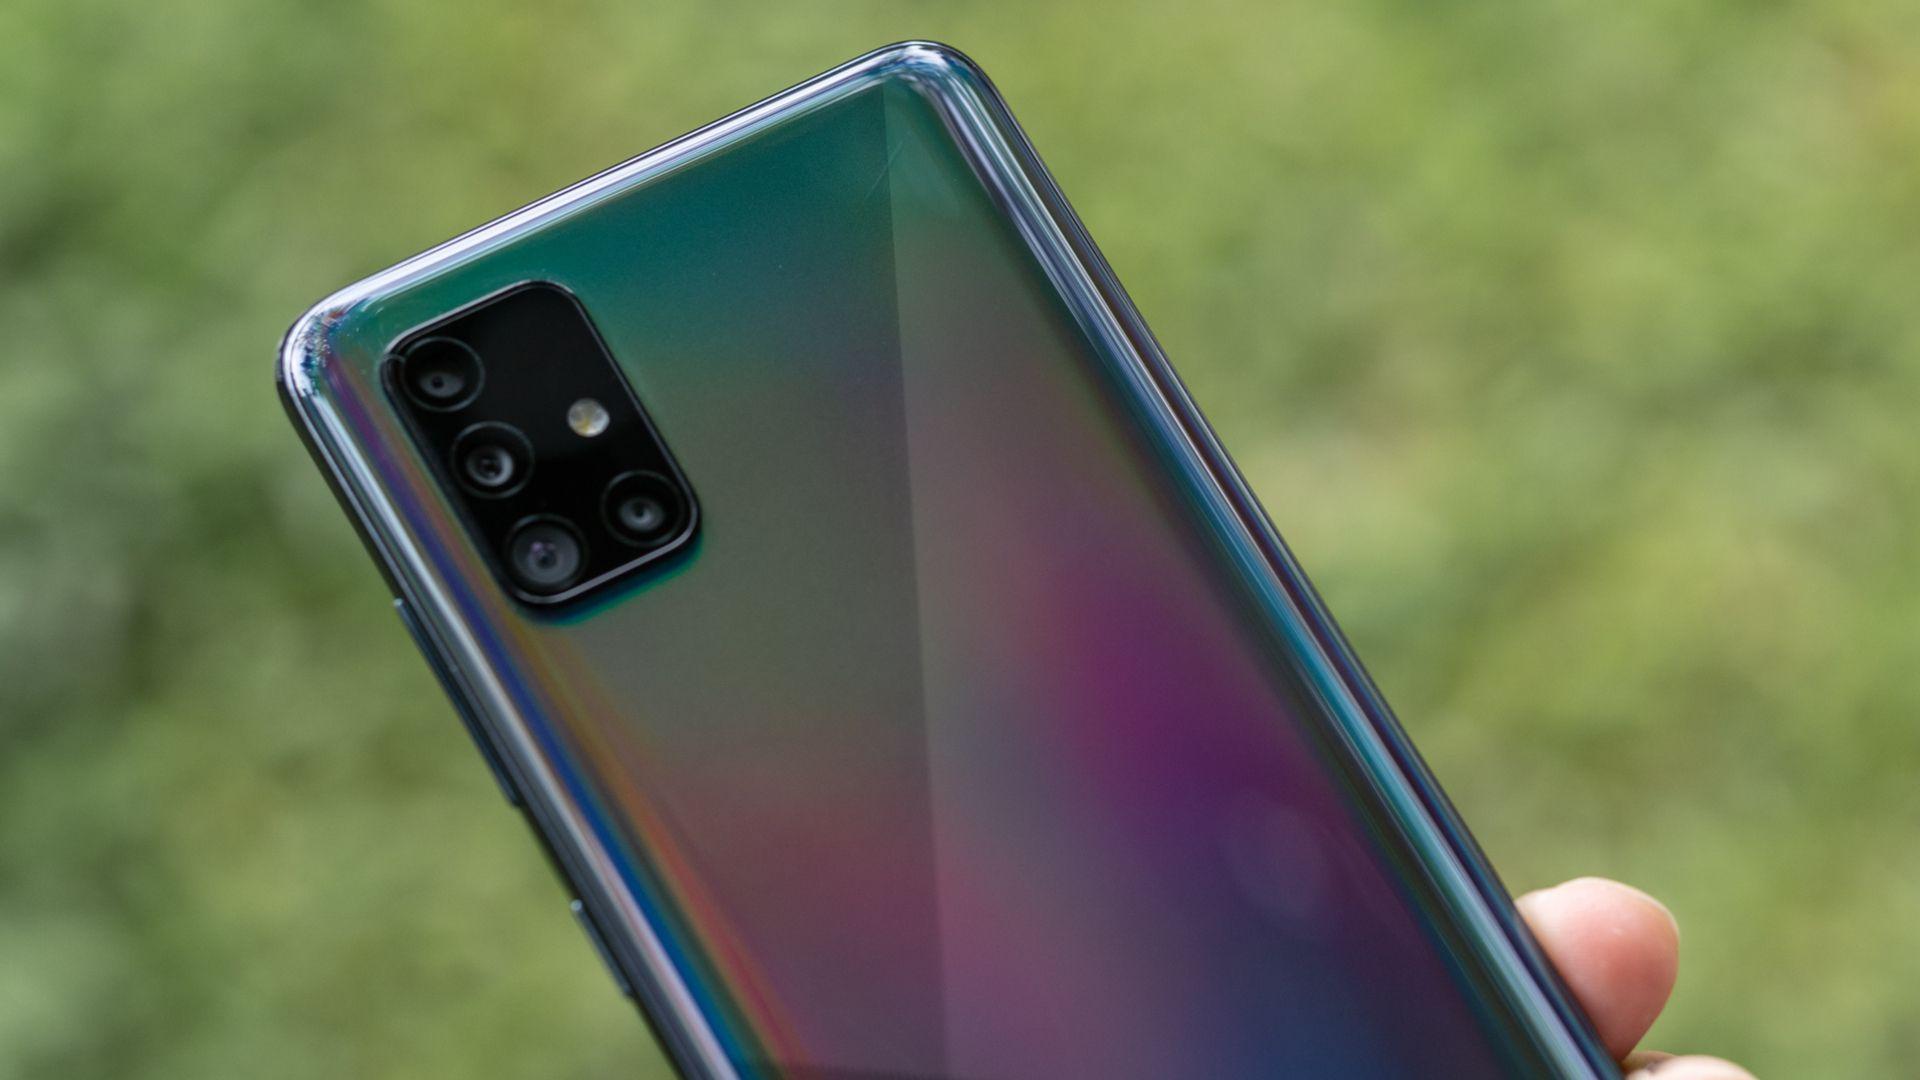 Câmera quádrupla do Galaxy A51 fica em módulo retangular na parte de trás do smartphone. (Imagem: Lukmanazis/Shutterstock)